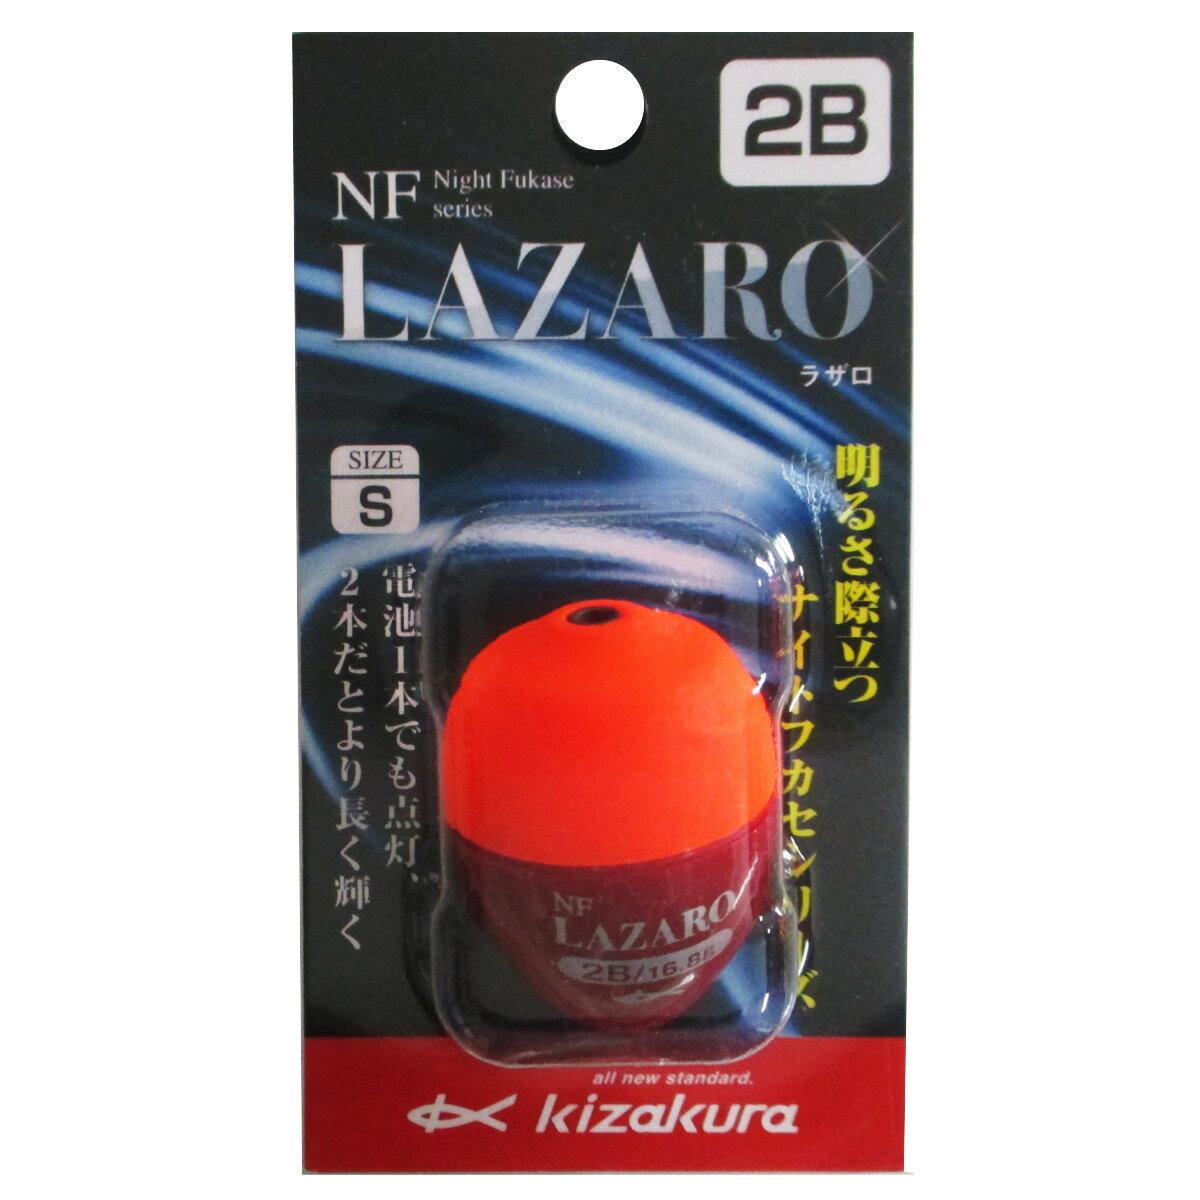 キザクラ NF ラザロ S 2B オレンジ